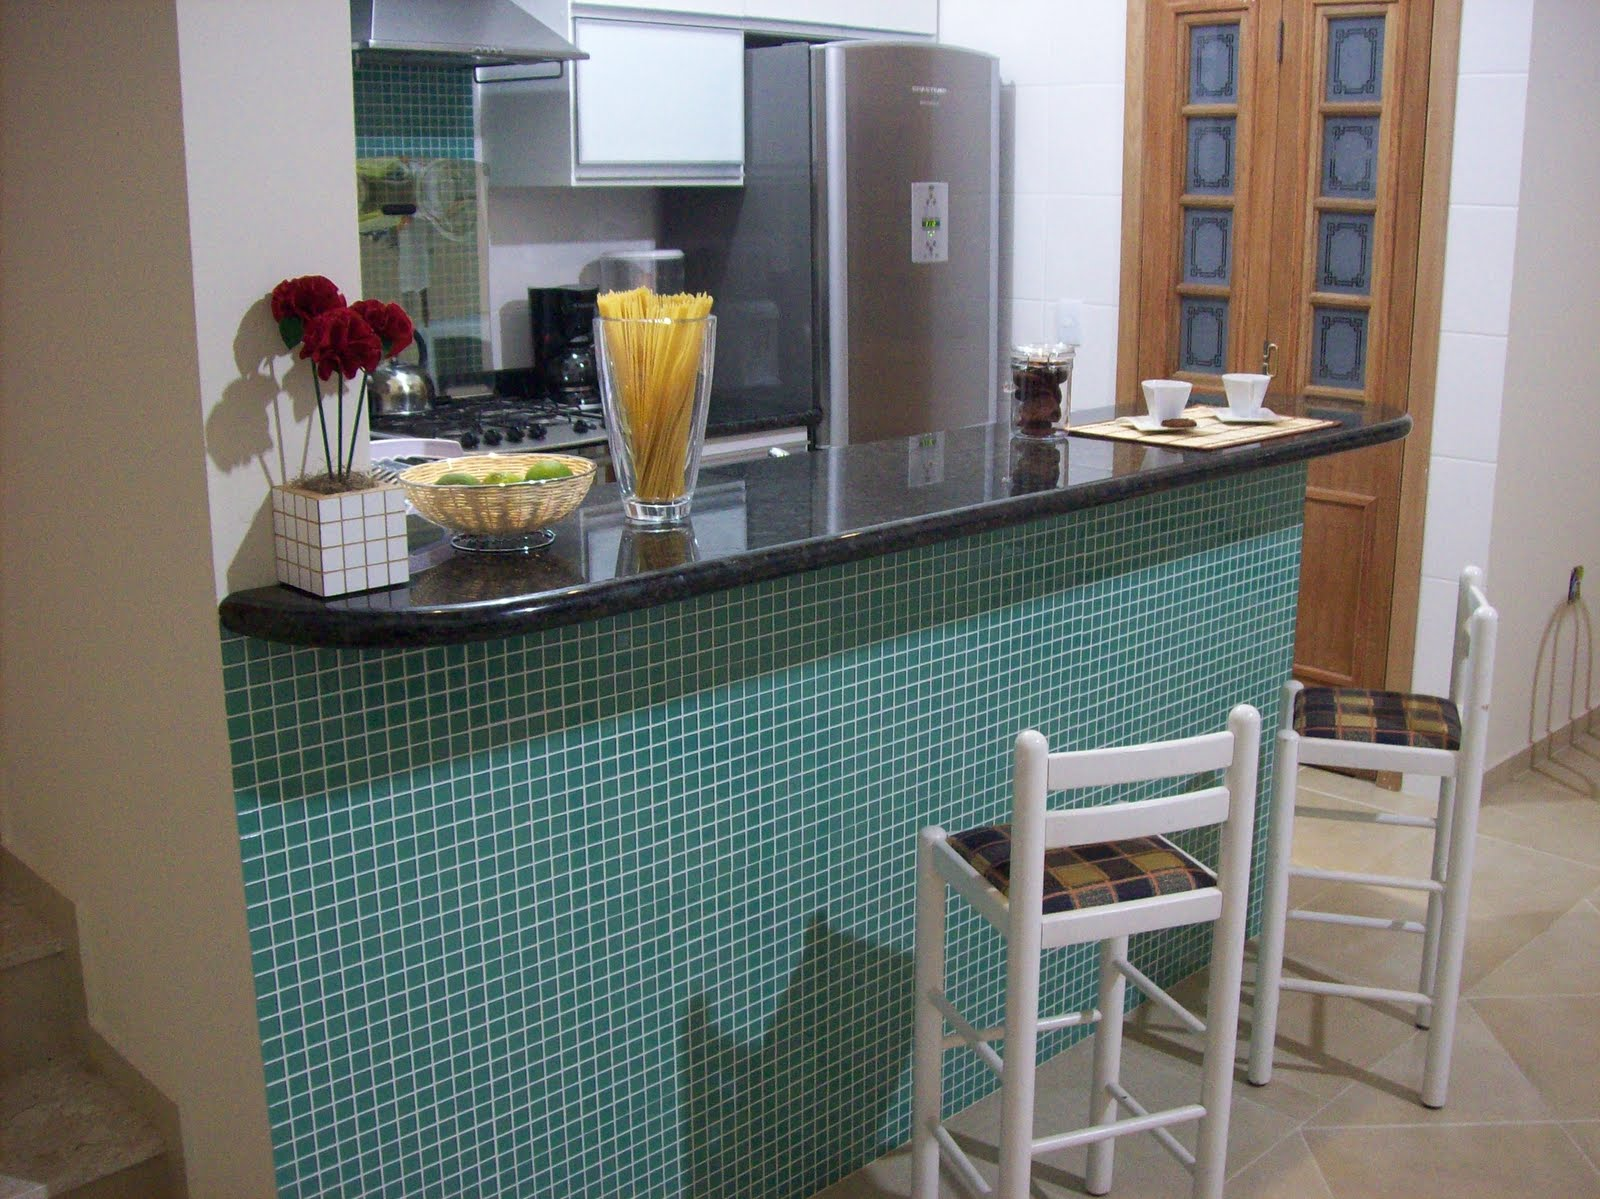 #664838 Balcão de cozinha de mármore – Fotos Decorando Casas 1600x1199 px Balcão De Mármore Cozinha Americana #1097 imagens